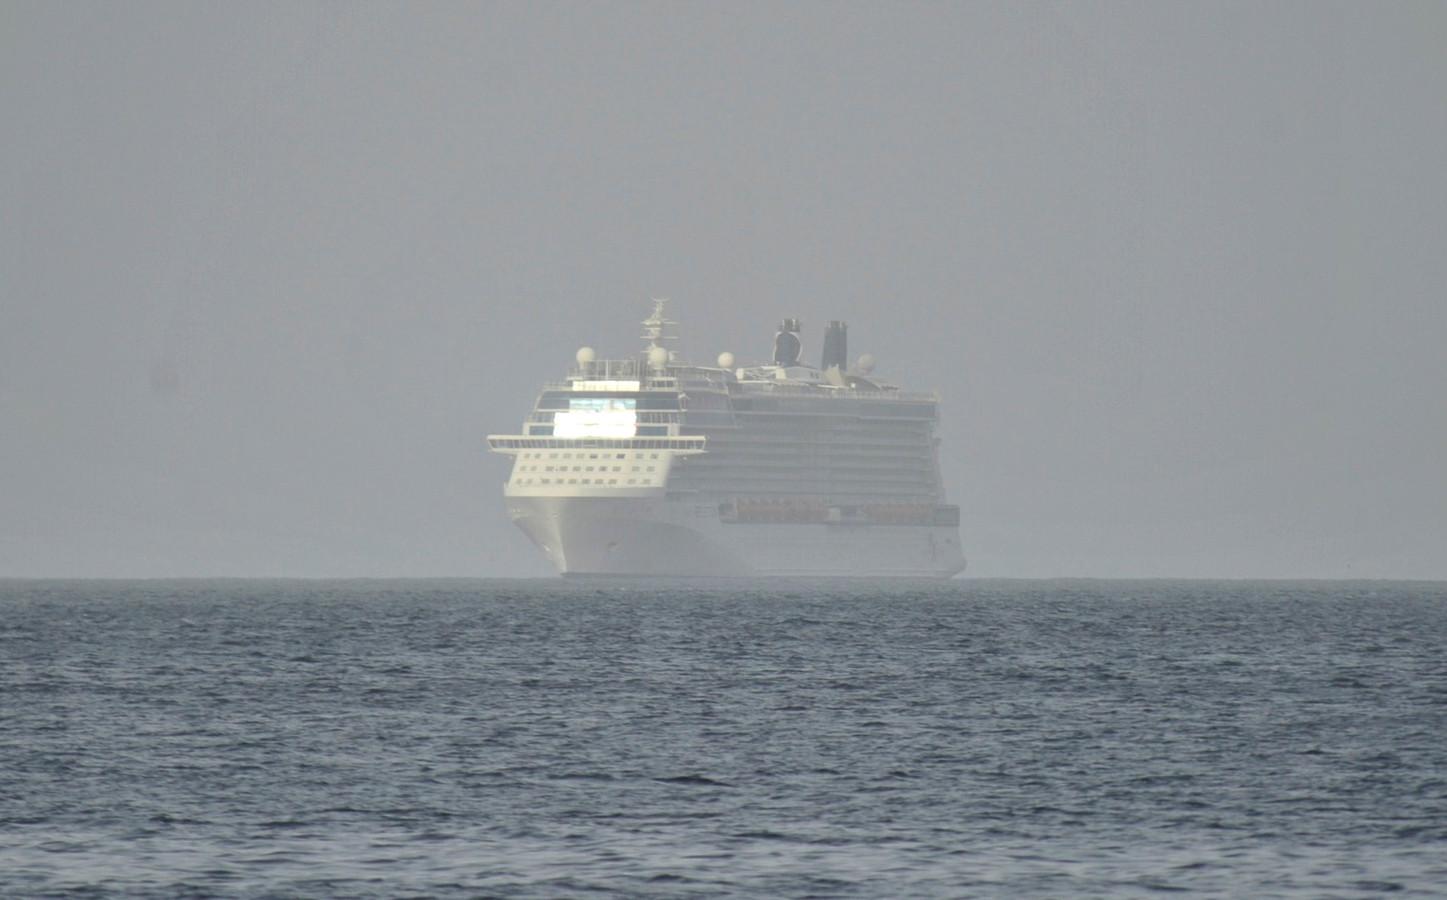 Een van de cruiseschepen die zullen ingezet worden voor de evacuatie.